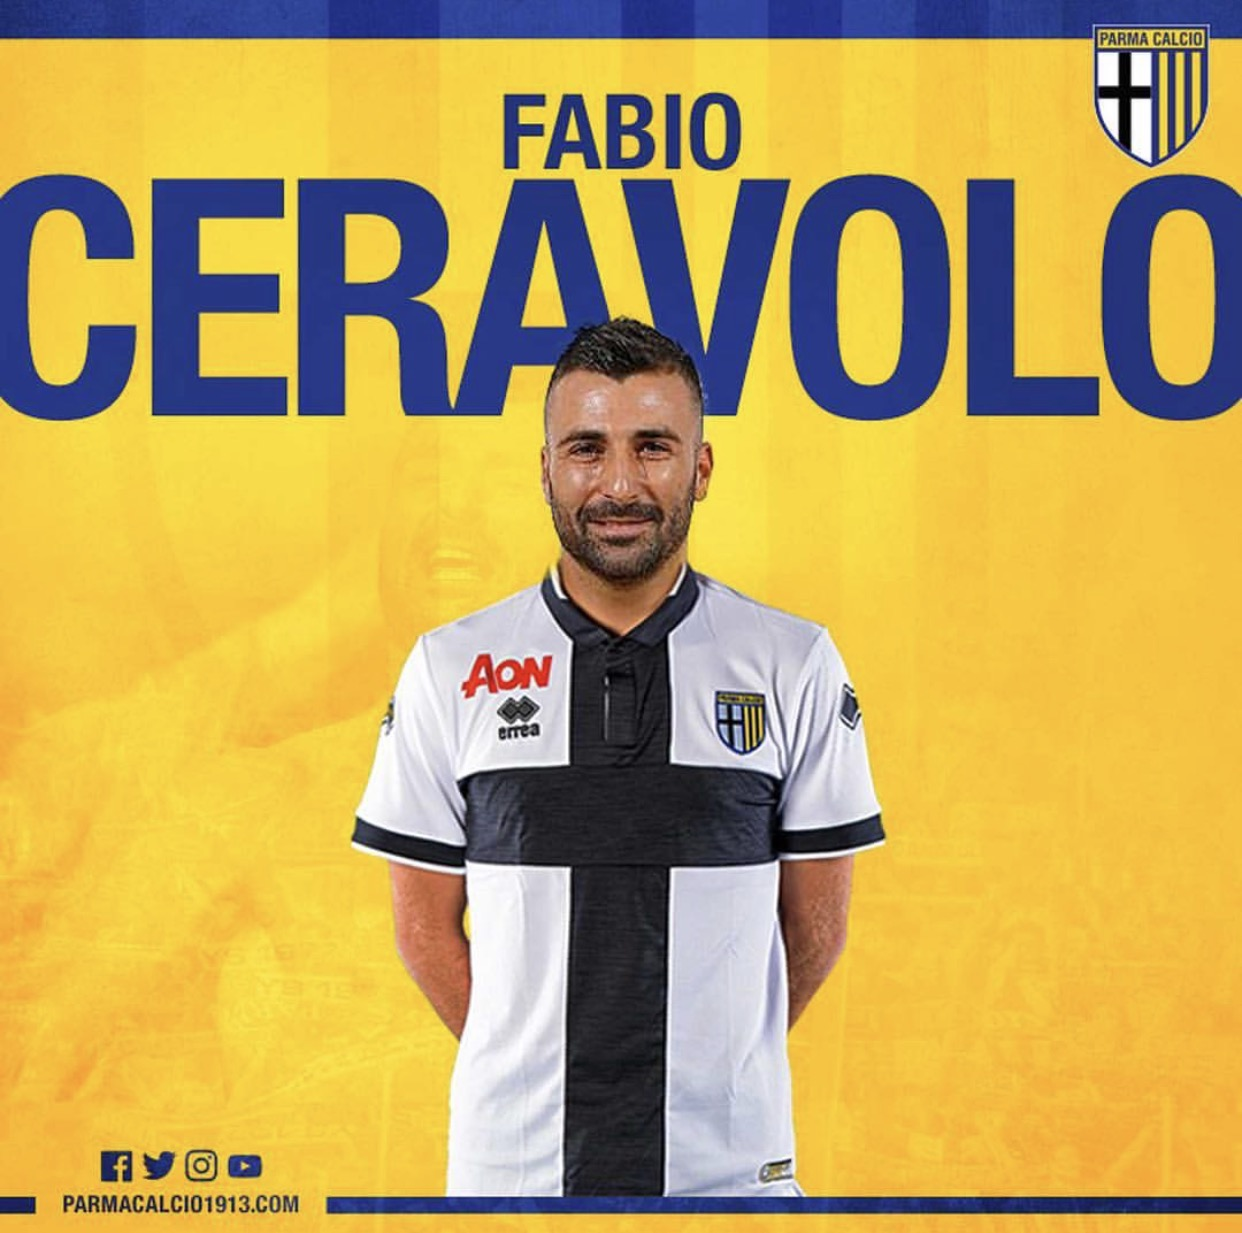 HOTEL MELIÀ - Parma, contratto triennale con opzione per Ceravolo